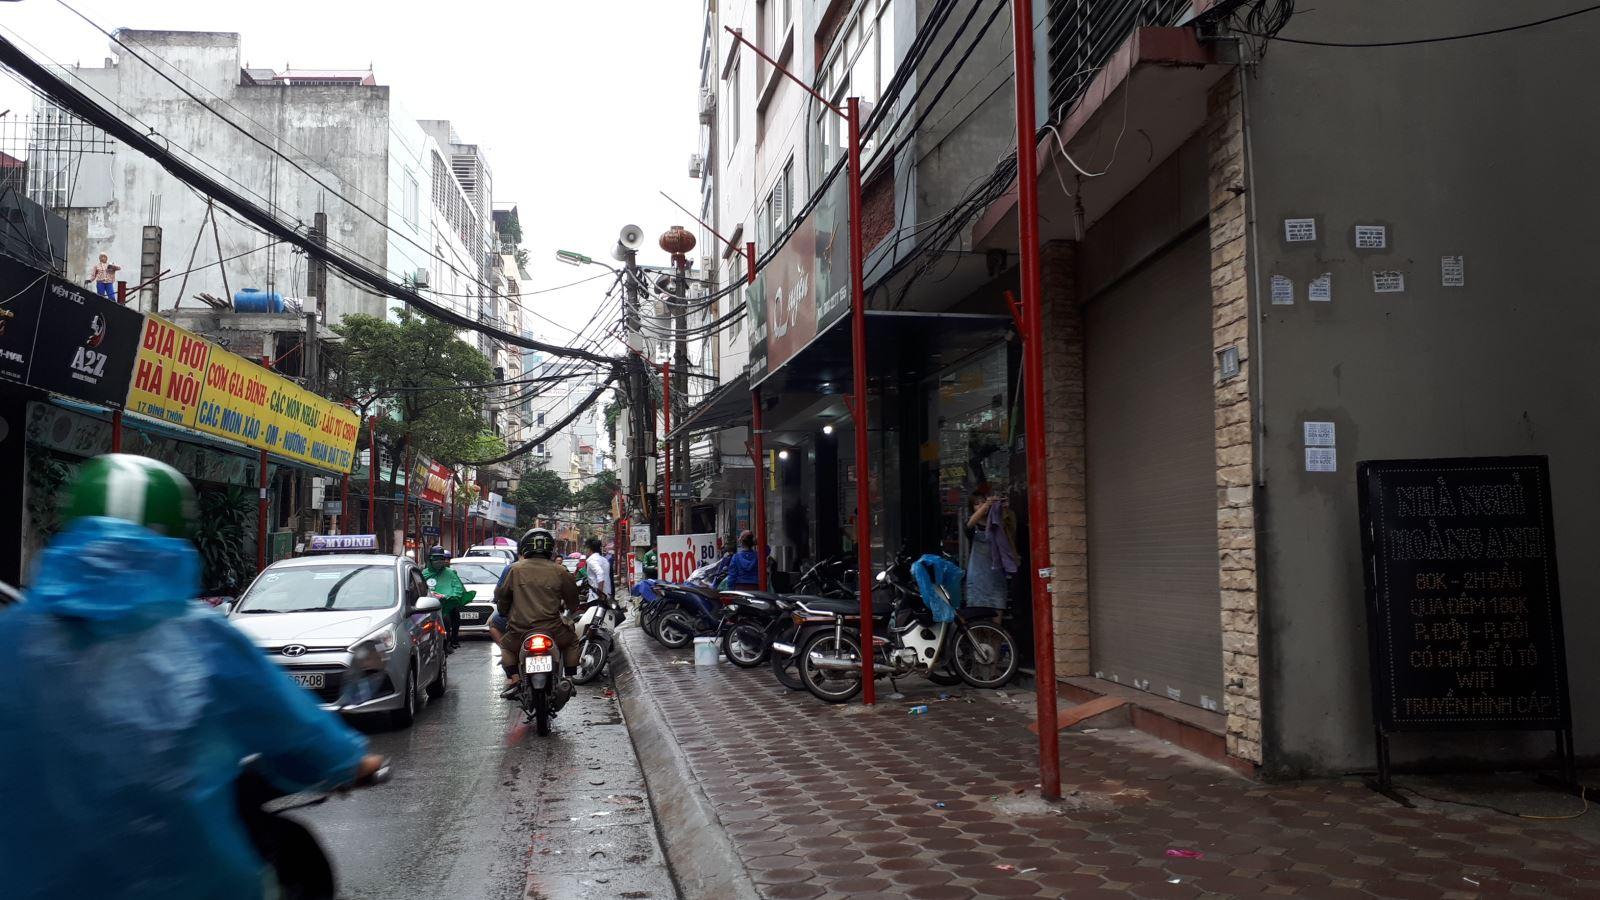 Lạ mắt với hàng cột, biển 'đồng phục' tại tuyến phố kiểu mẫu thứ 2 của Hà Nội - Ảnh 3.